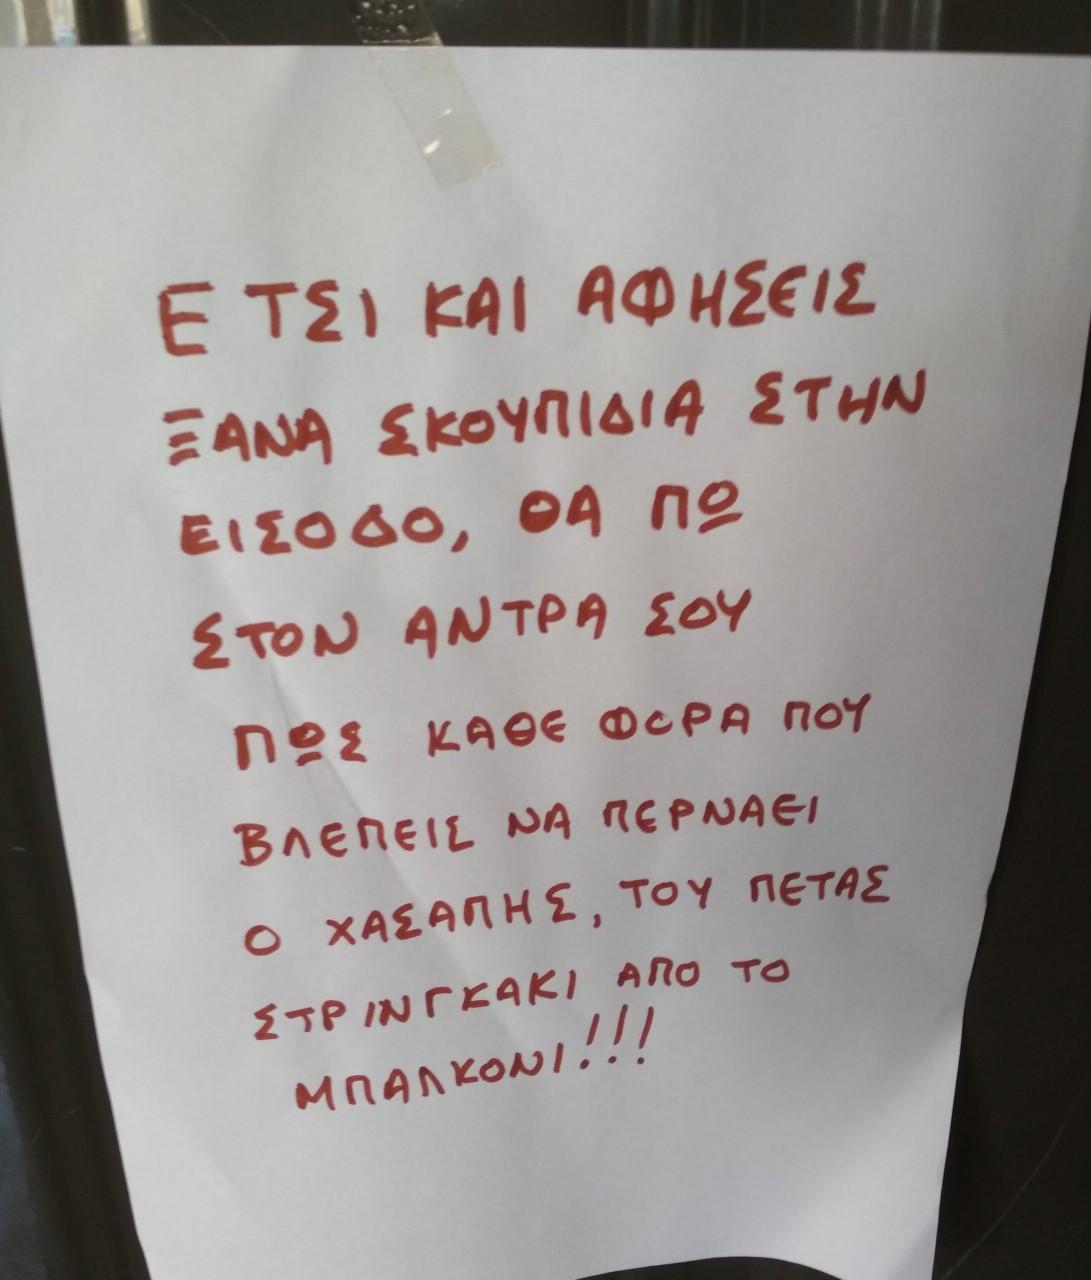 Αυτό είναι το μυθικότερο μήνυμα που έχει κολληθεί σε είσοδο πολυκατοικίας (pic) - Φωτογραφία 2